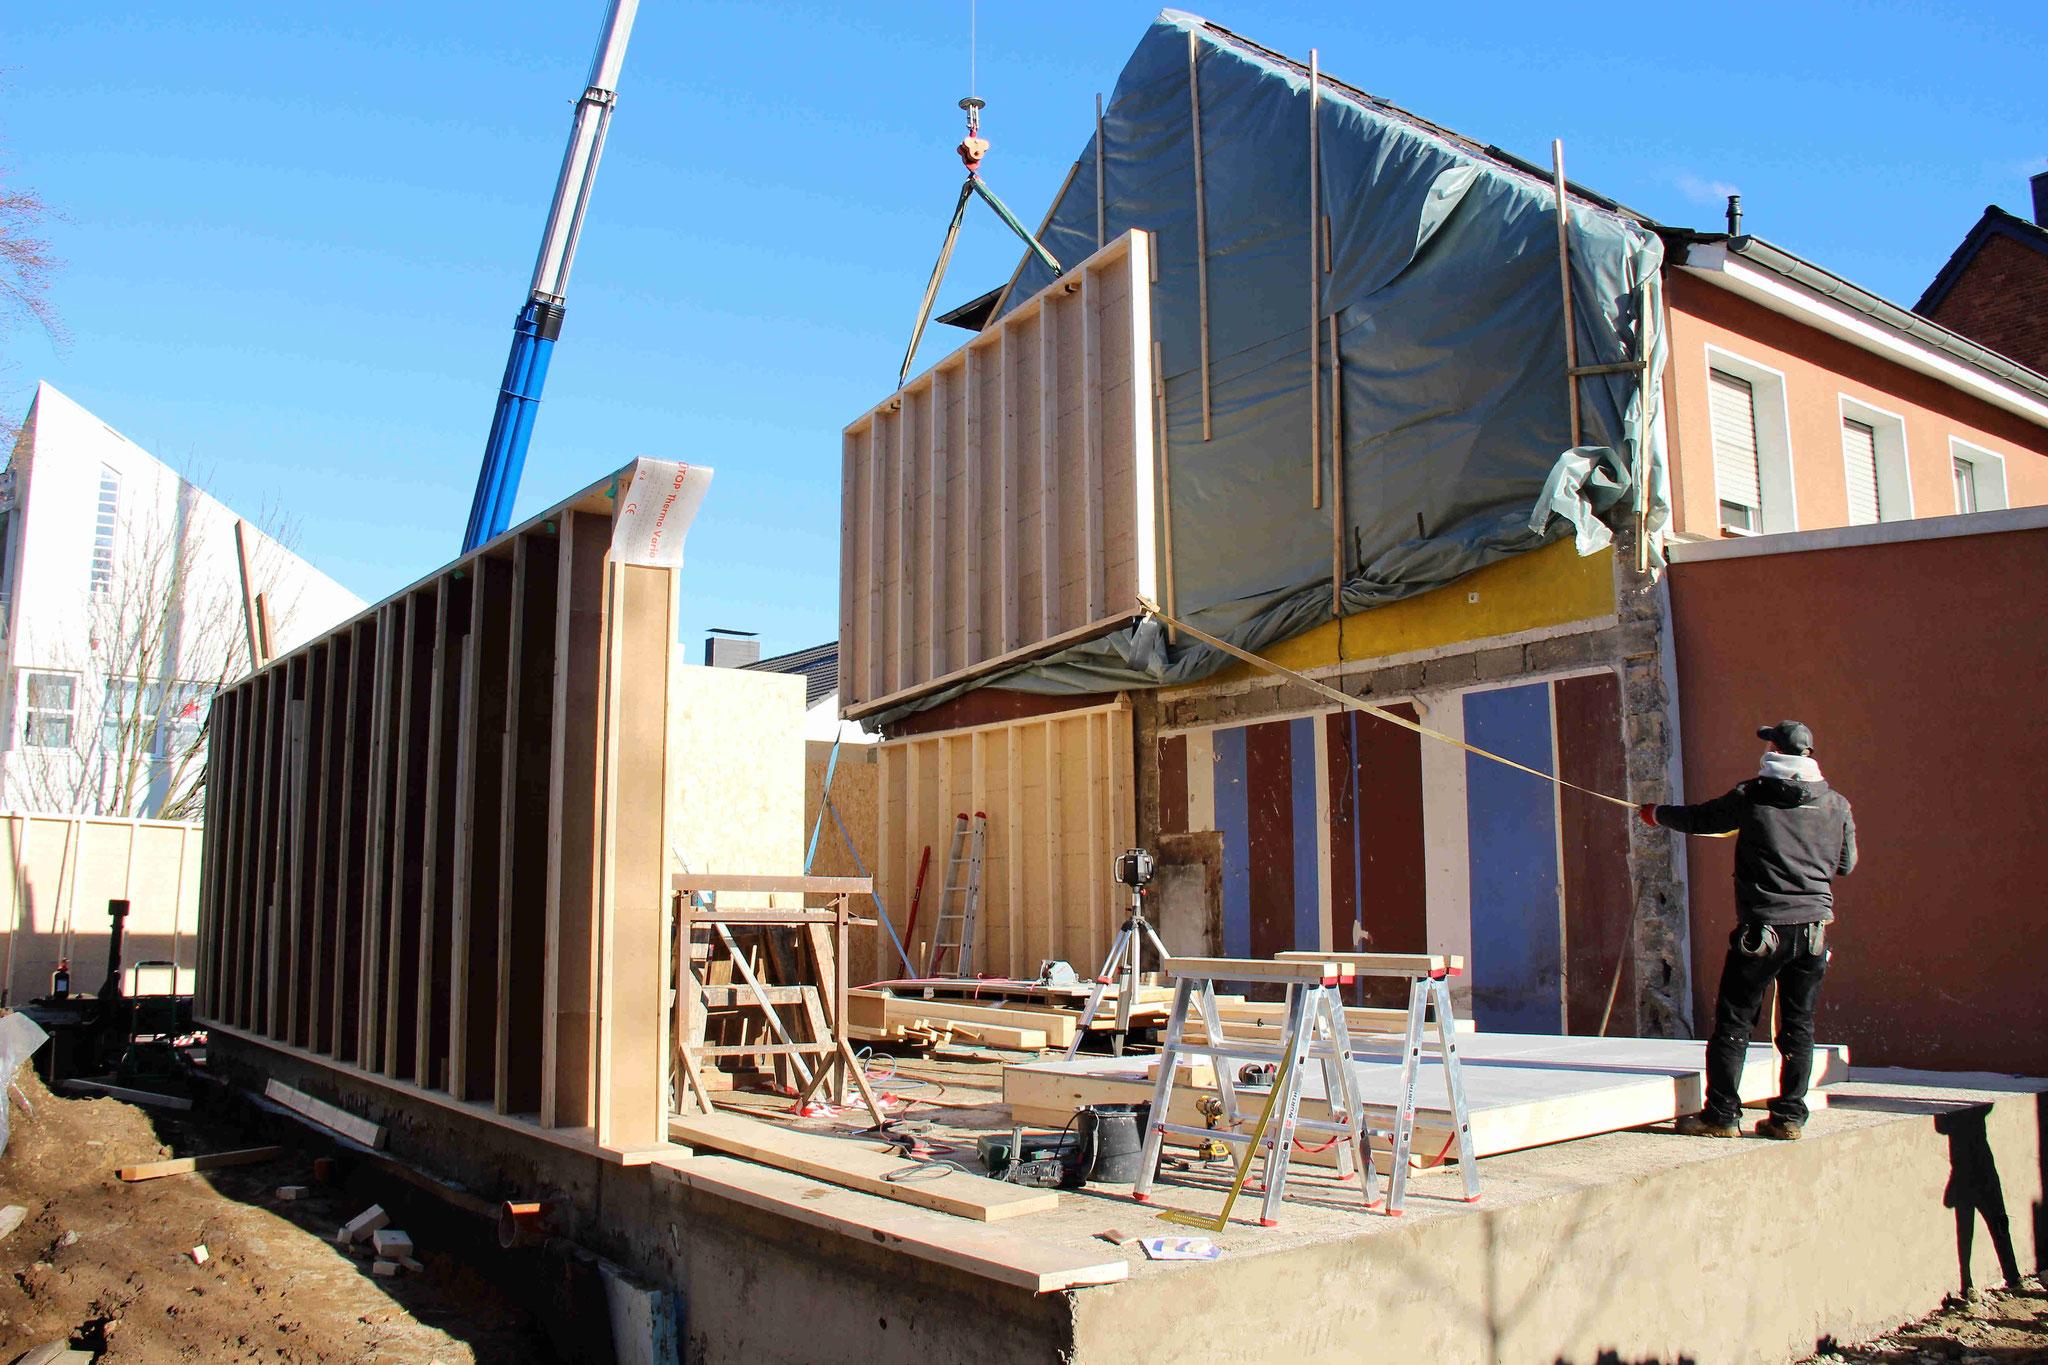 Baubeginn beim Ausbauhaus in Köln Weiden: Wir heben die vorproduzierten Holzrahmenbauwände mit dem Kran an ihren Platz.